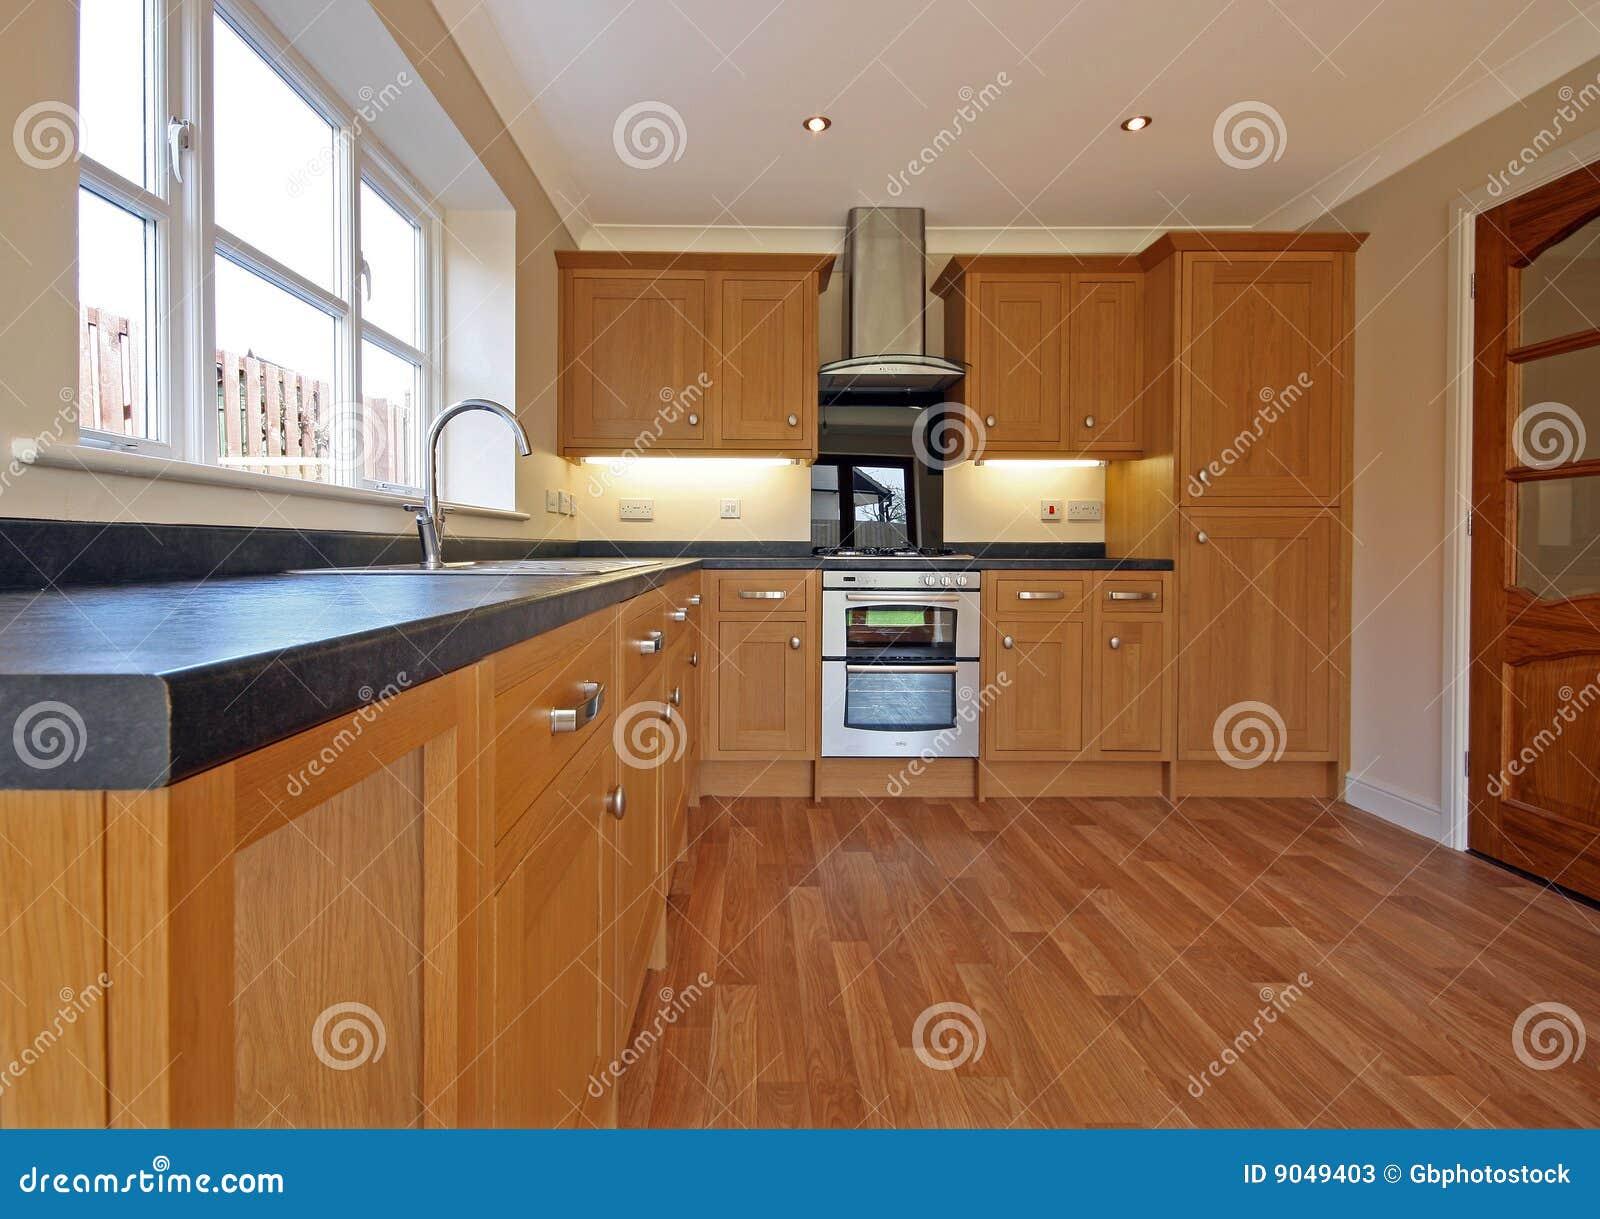 Küche buche  Buche-Küche Stockfotos - Bild: 9049403